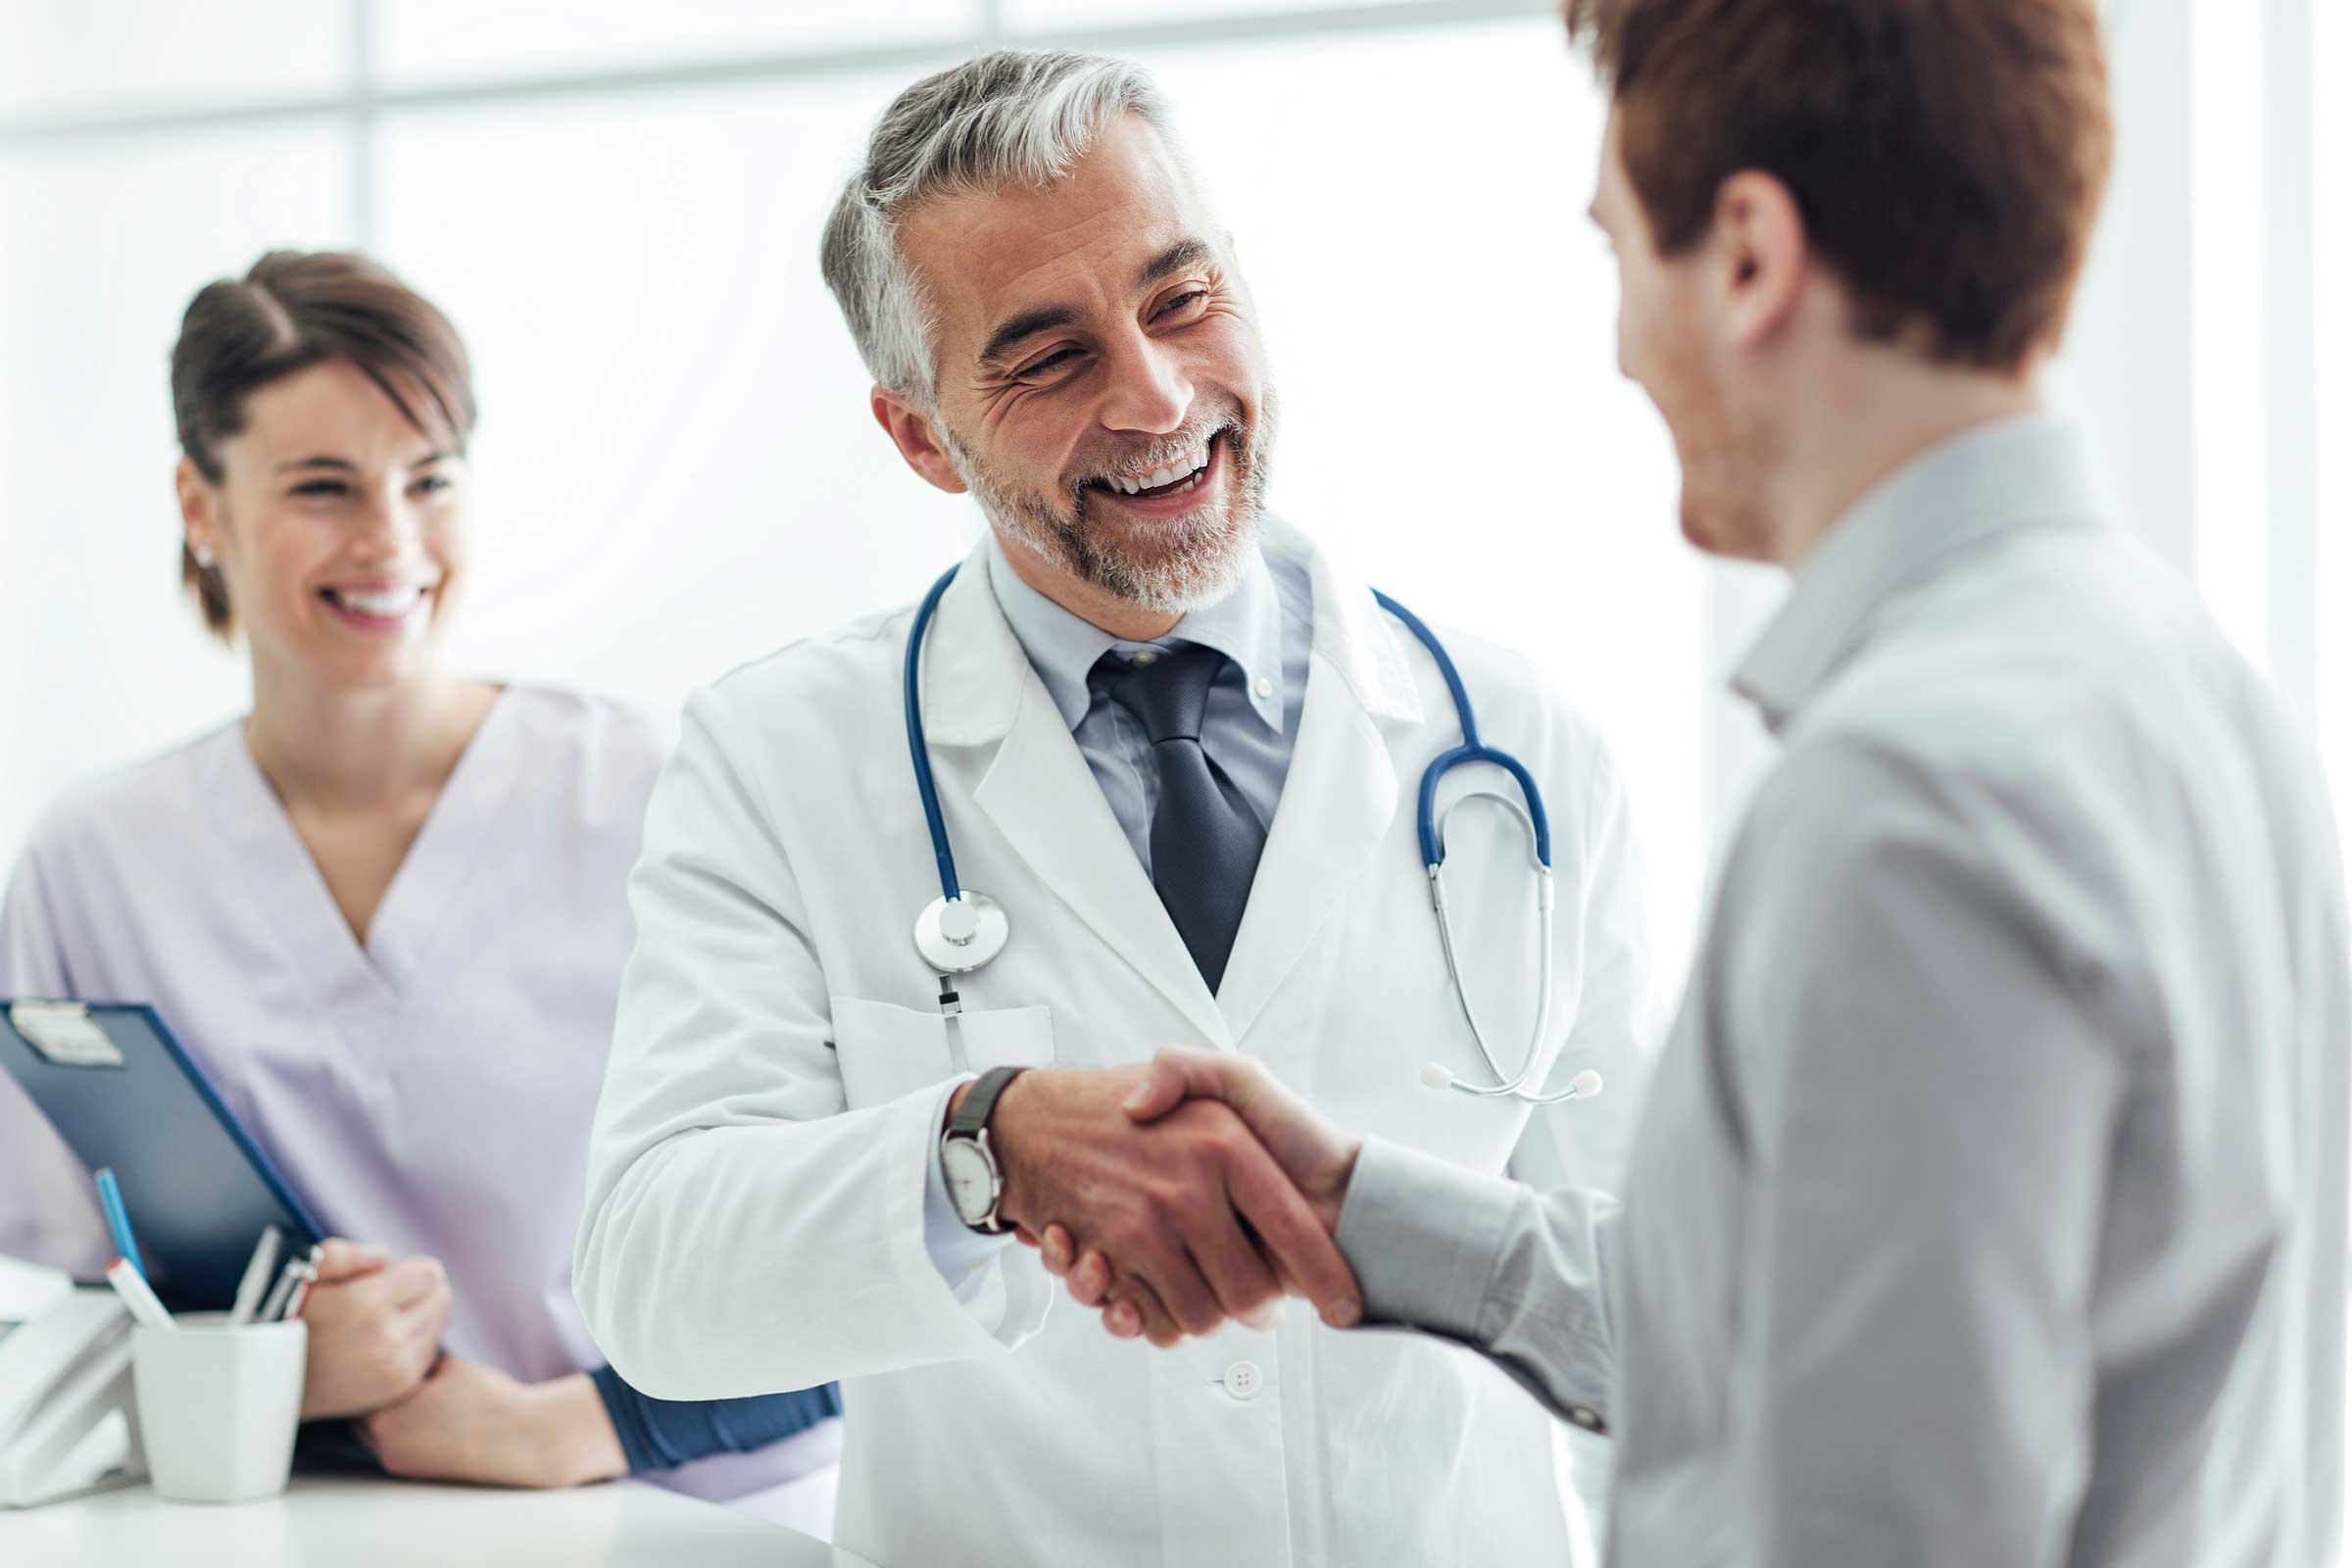 Врачи РФ смогут бесплатно улучшить навыки коммуникации с пациентами